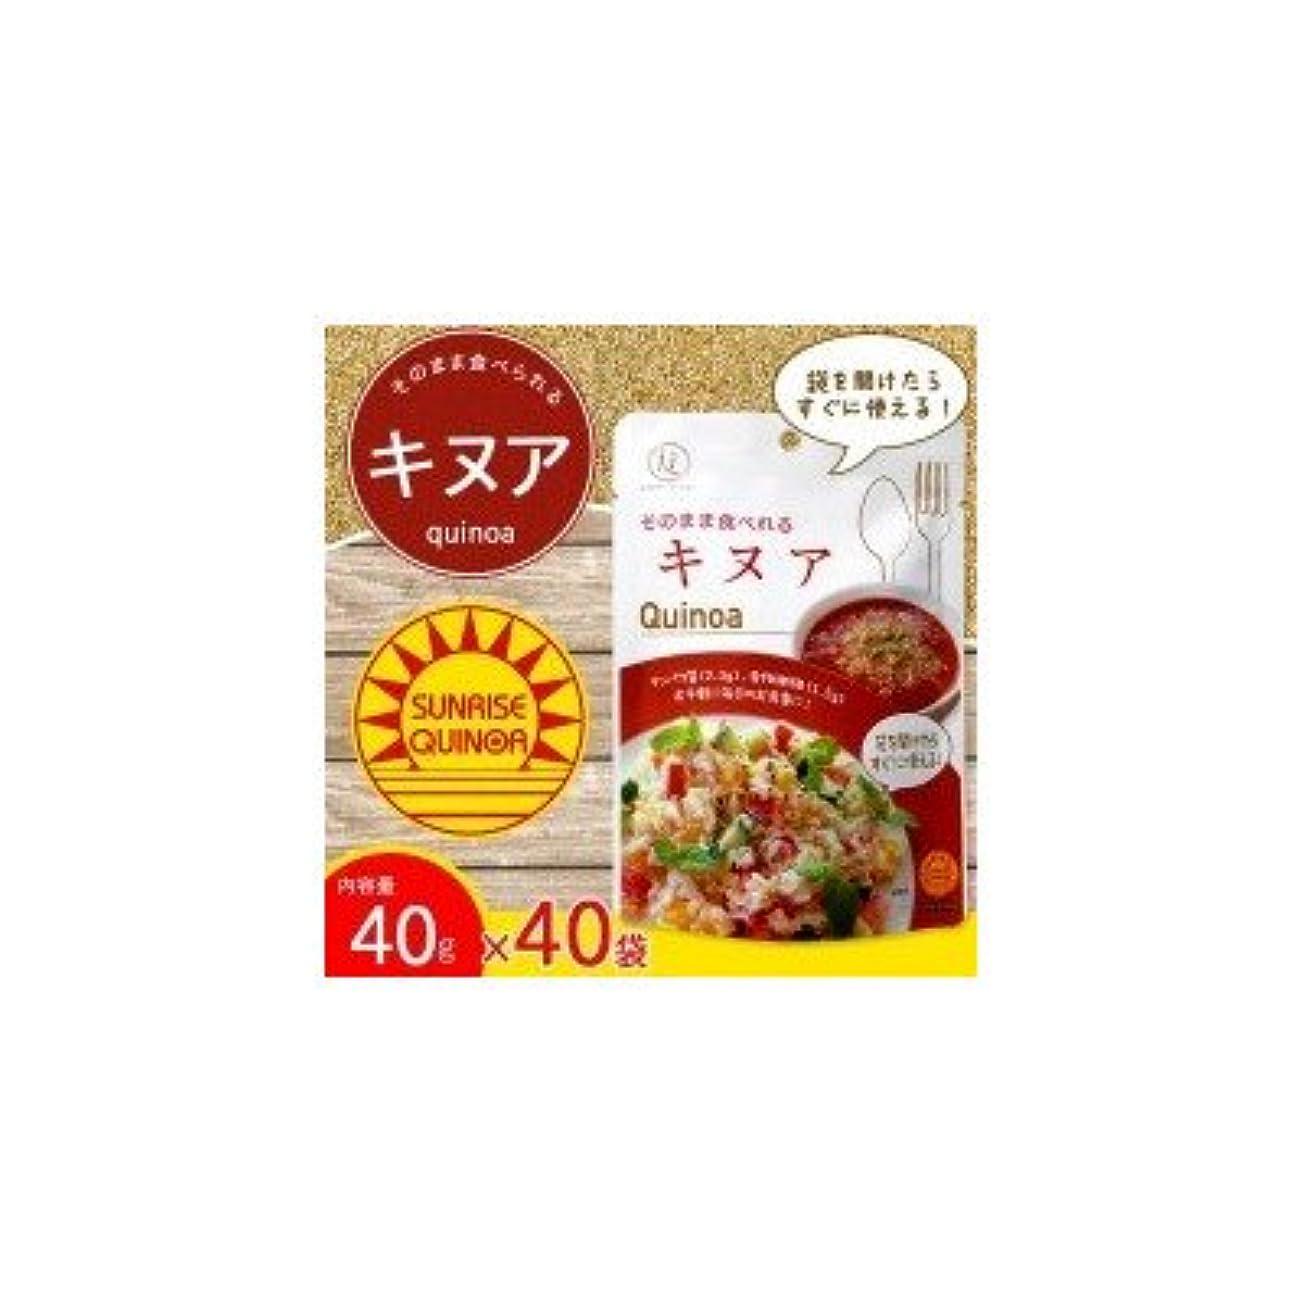 石のユーモラス立派なそのまま食べれるキヌア 40g×40袋